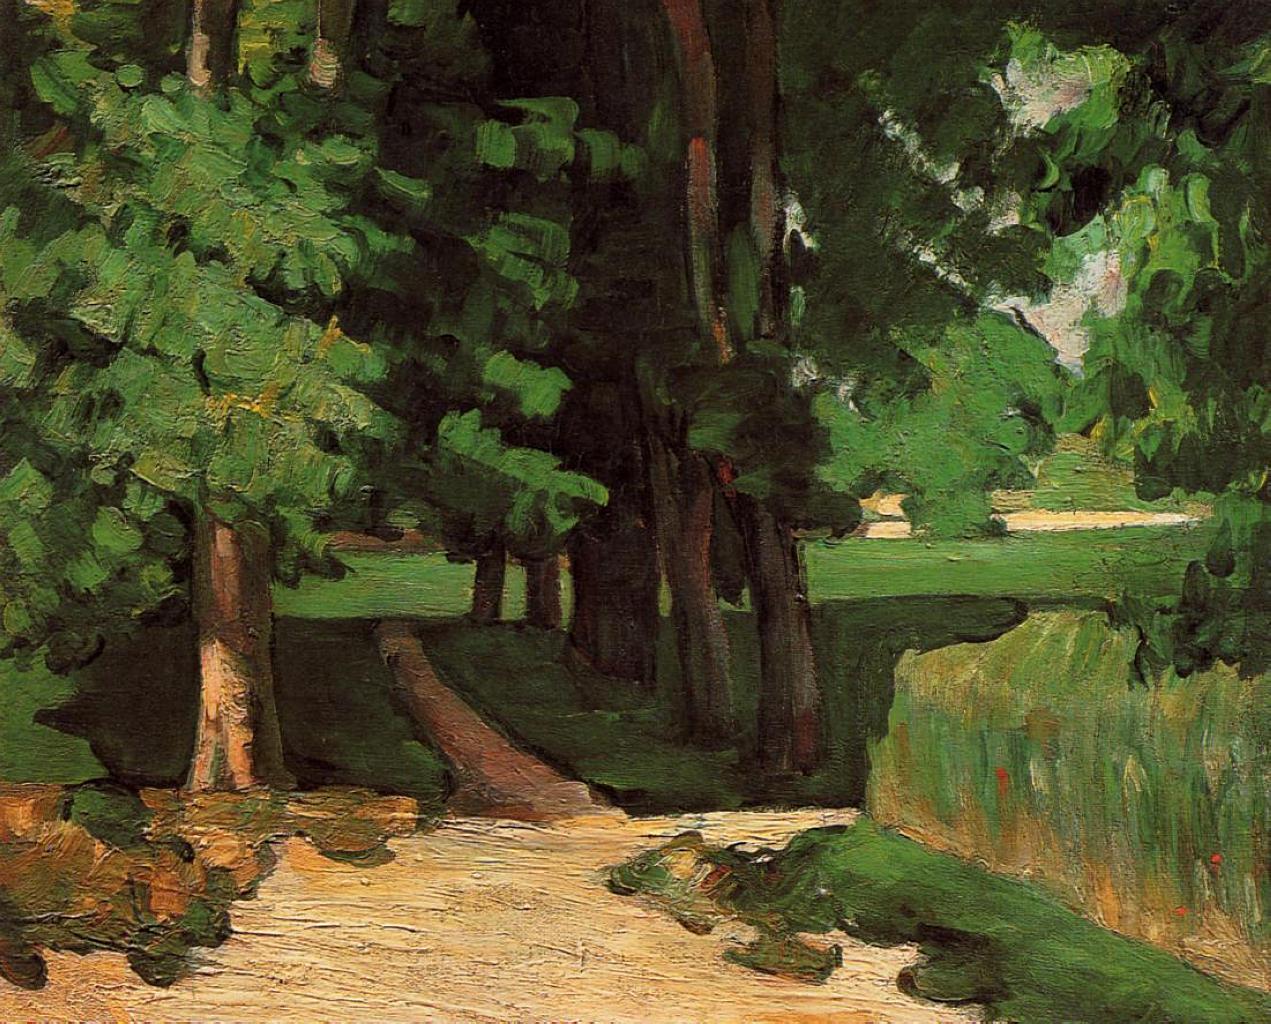 Paul Cezanne. Lane of Chestnut trees at the Jas de Bouffan. 1871